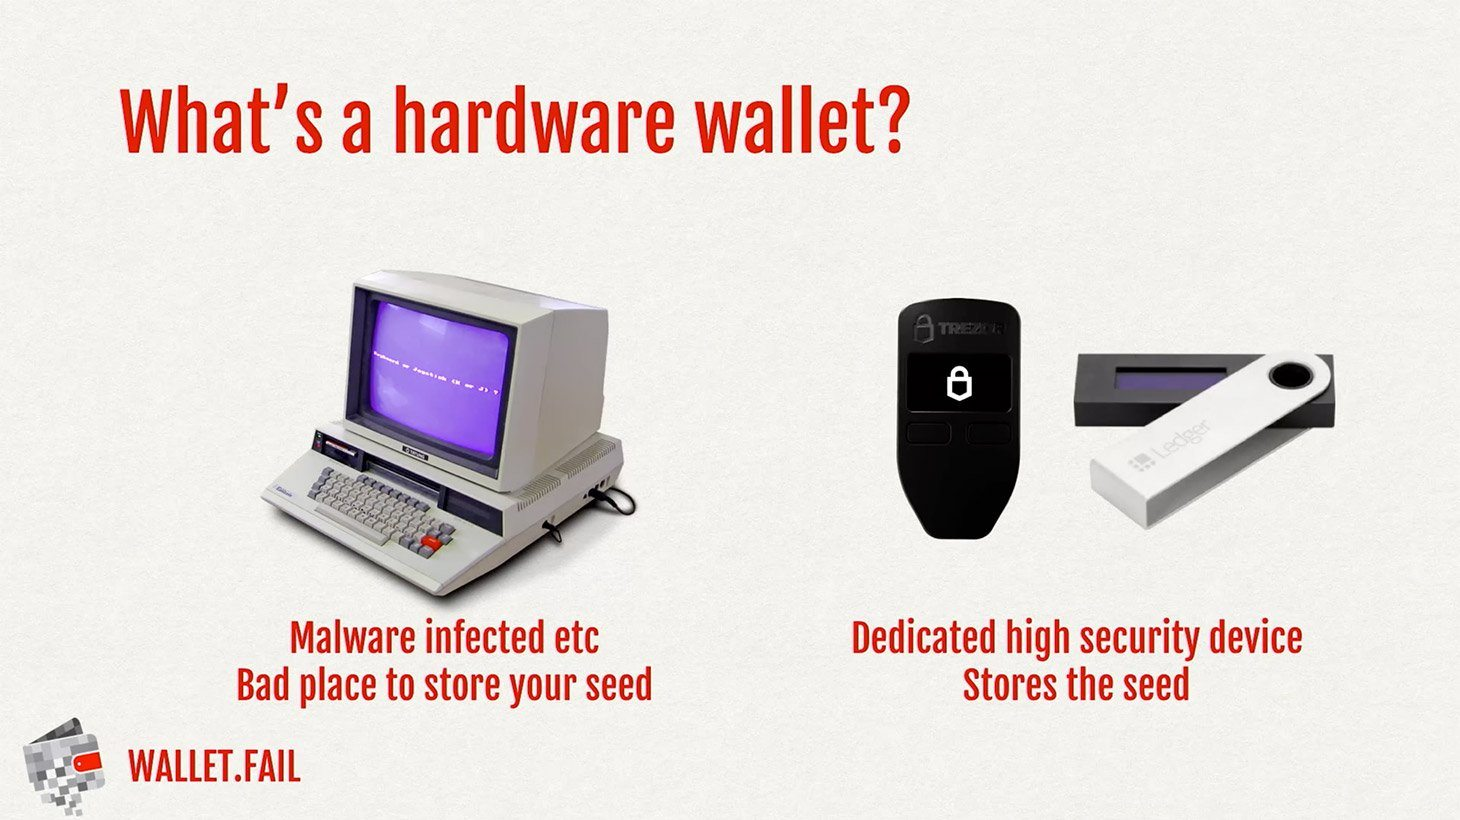 ¿Por qué necesitas un hardware wallet de criptomonedas?